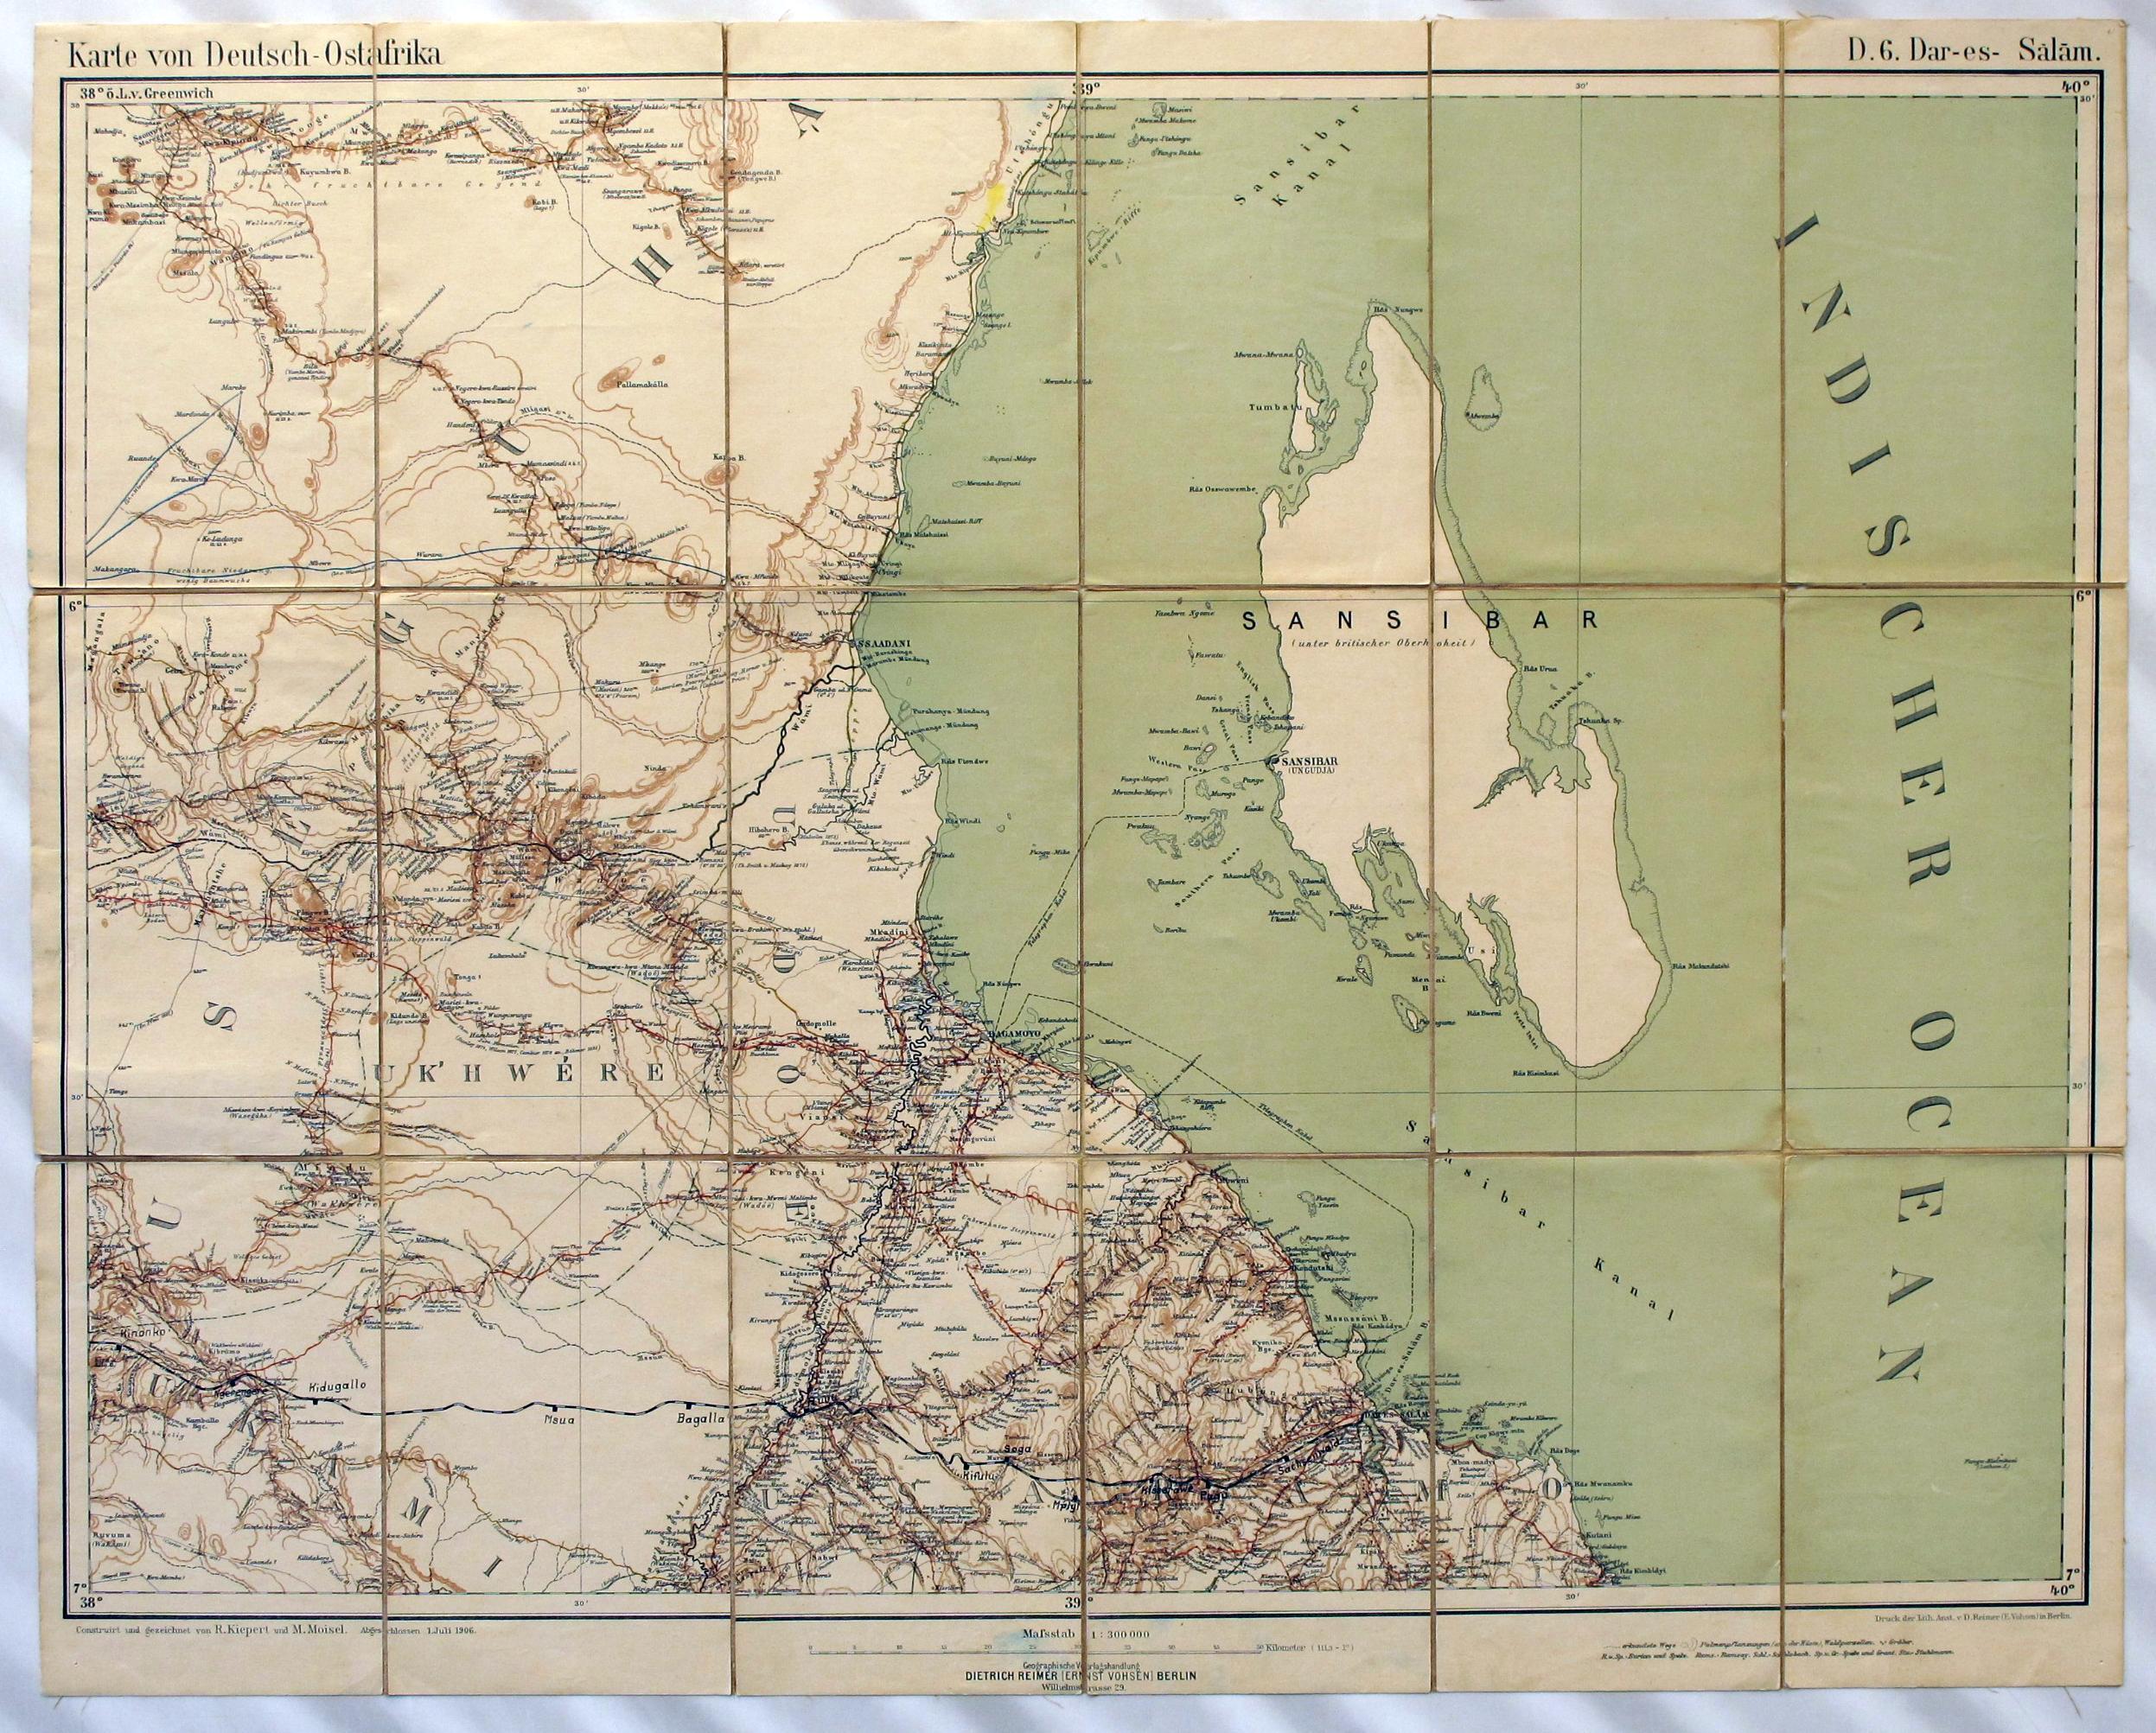 Landkarte Deutsch.Lemo Bestand Objekt Landkarte Von Deutsch Ostafrika 1906